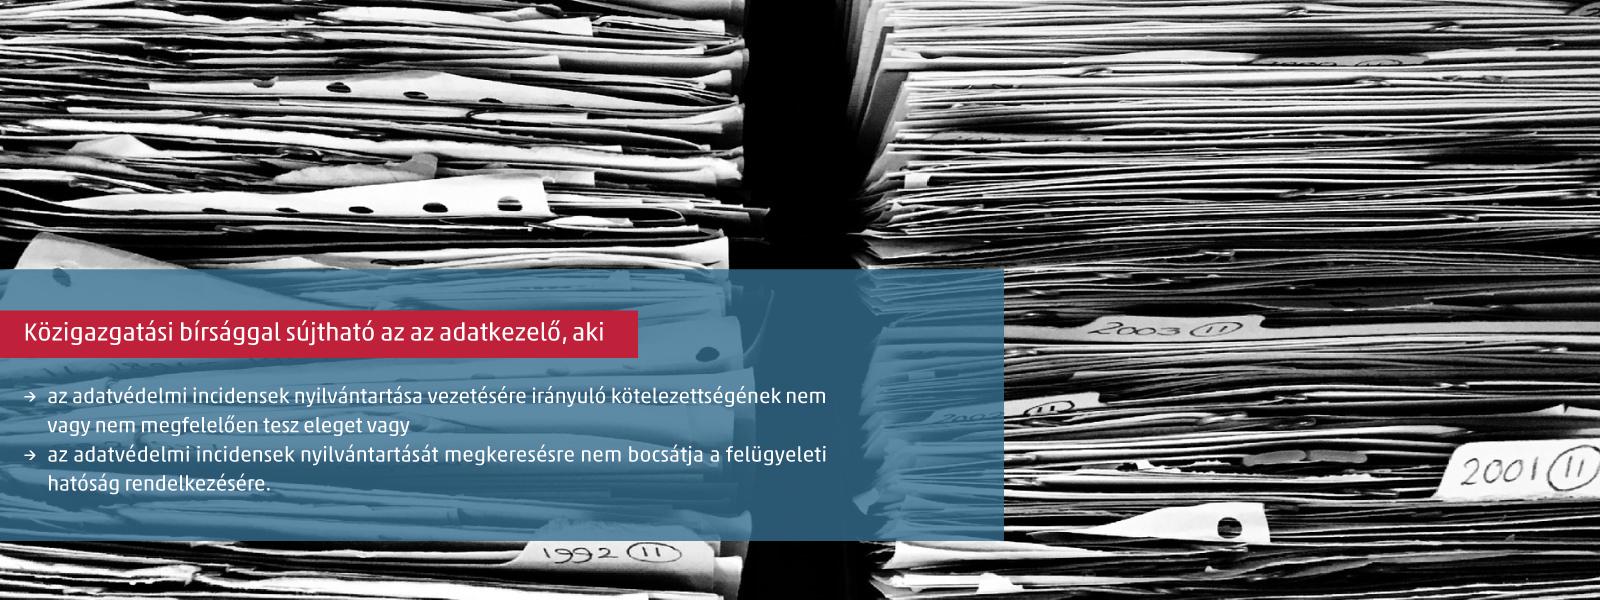 Az adatvédelmi incidensek nyilvántartása